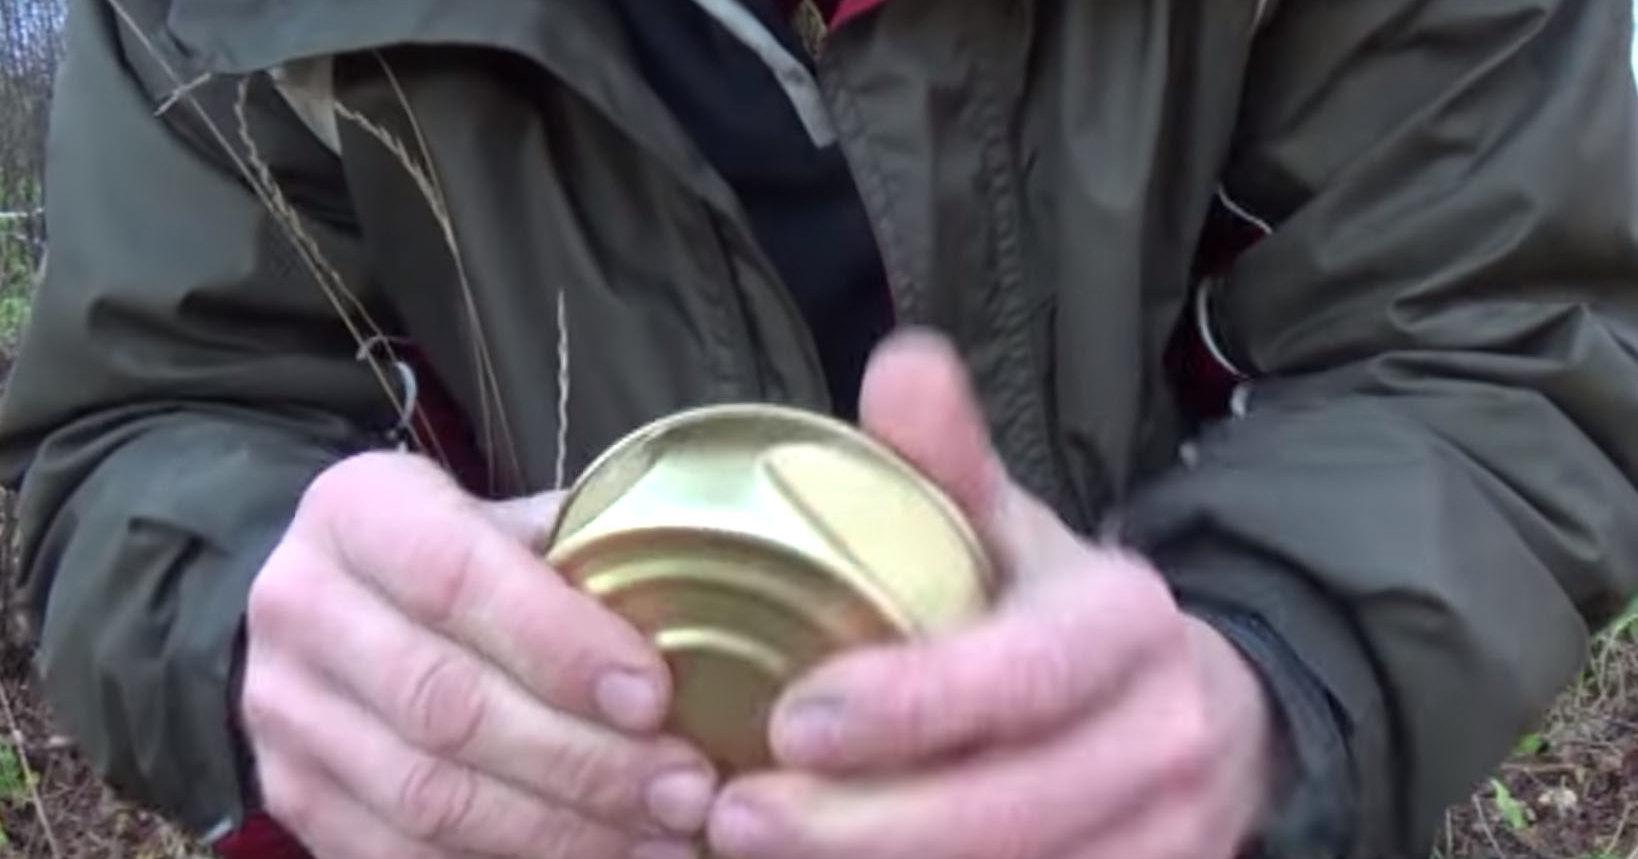 Как вскрыть консервную банку голыми руками